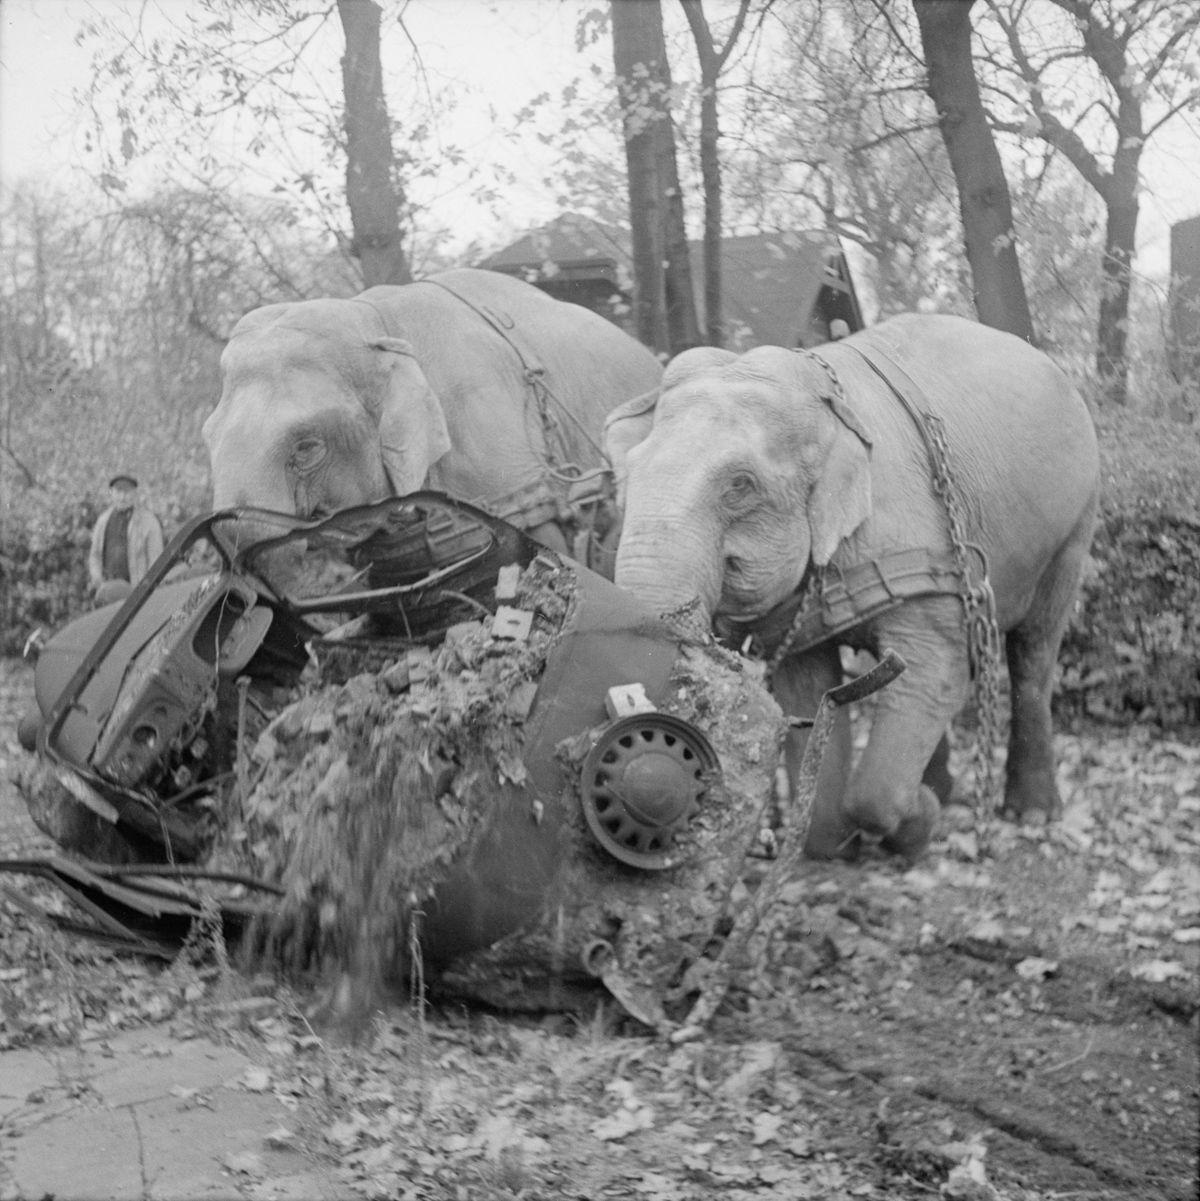 Imagini bizare din perioada celui de-Al Doilea Război Mondial